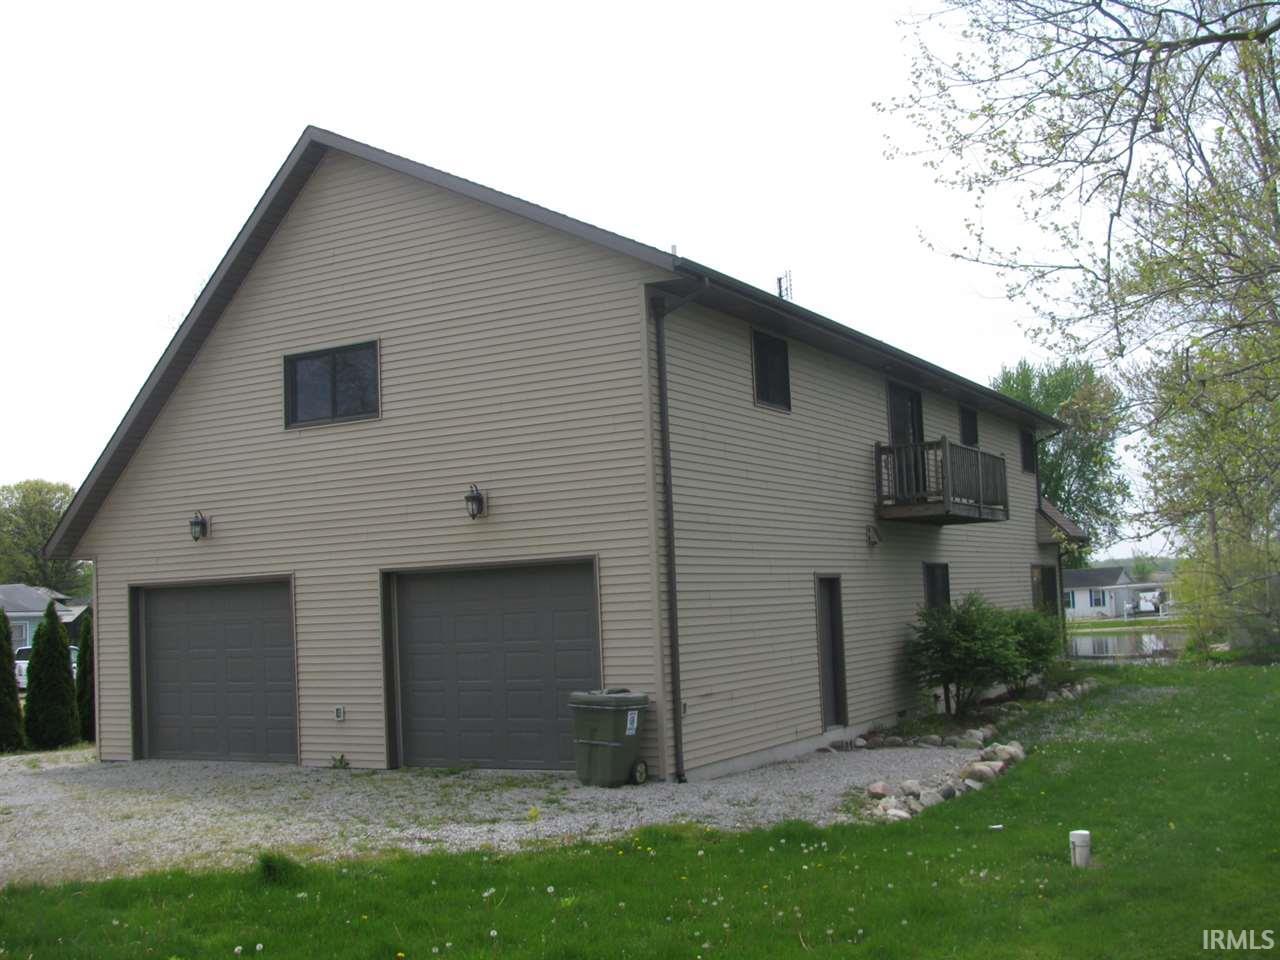 1380 E 690 S, Wolcottville, IN 46795